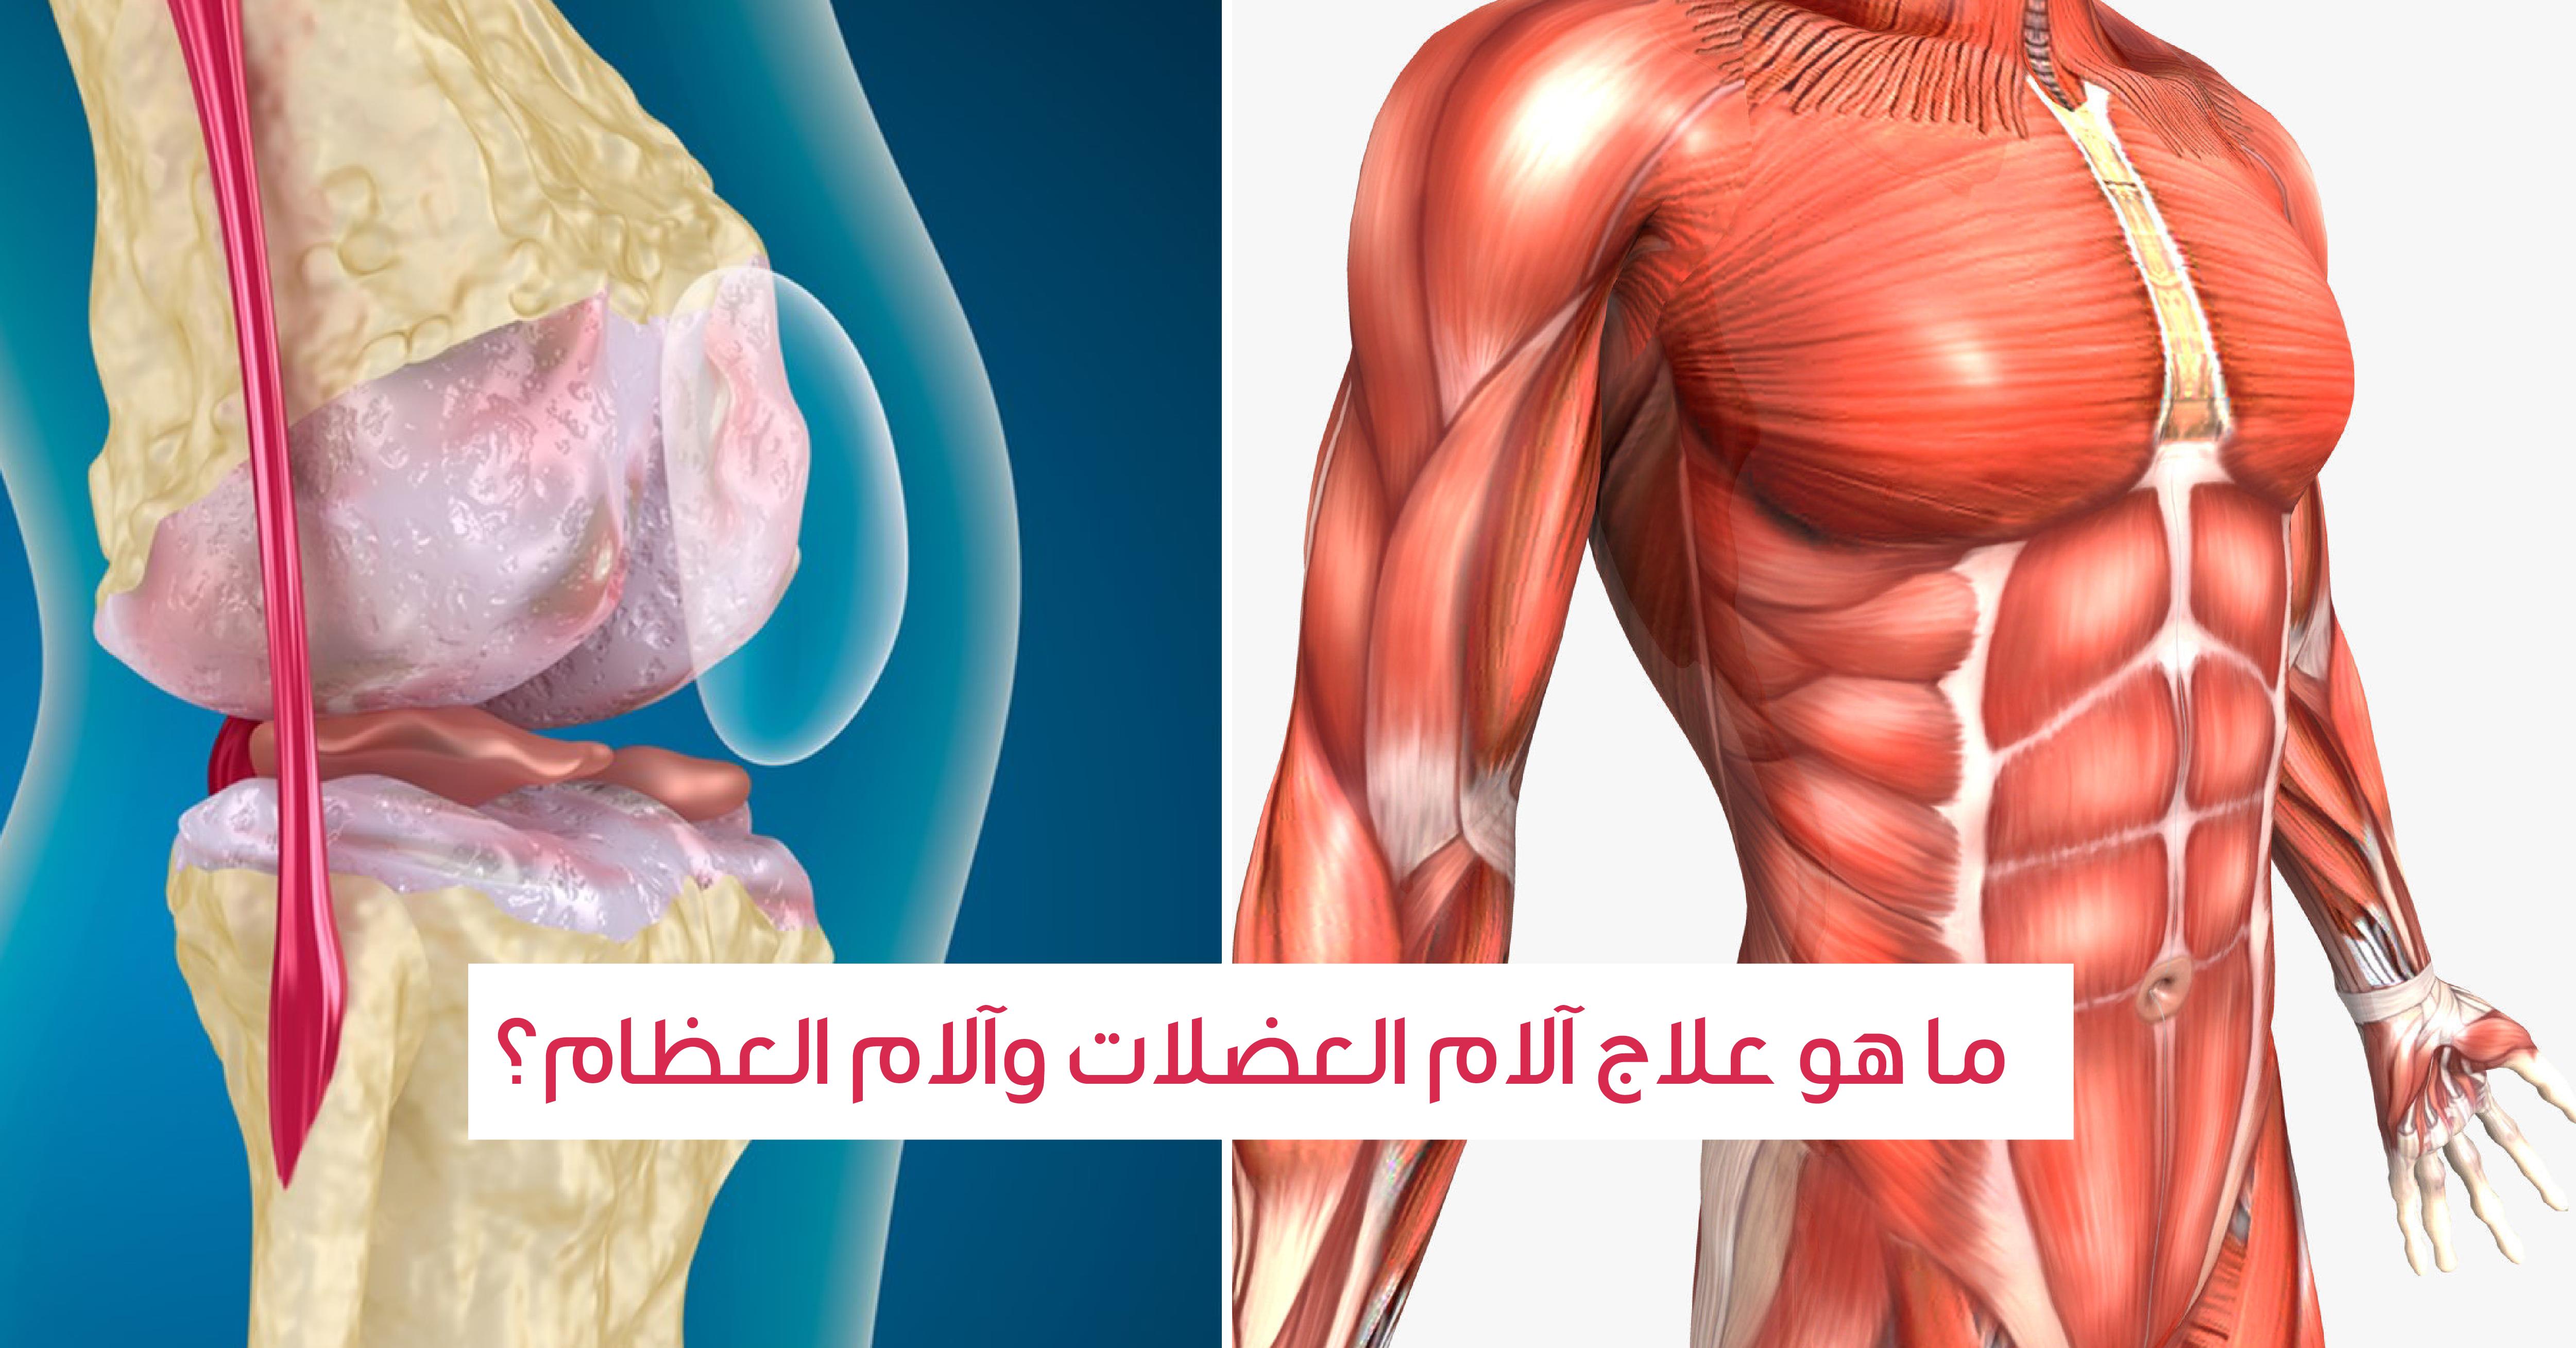 ما هو علاج الام العضلات والام العظام ويب طب